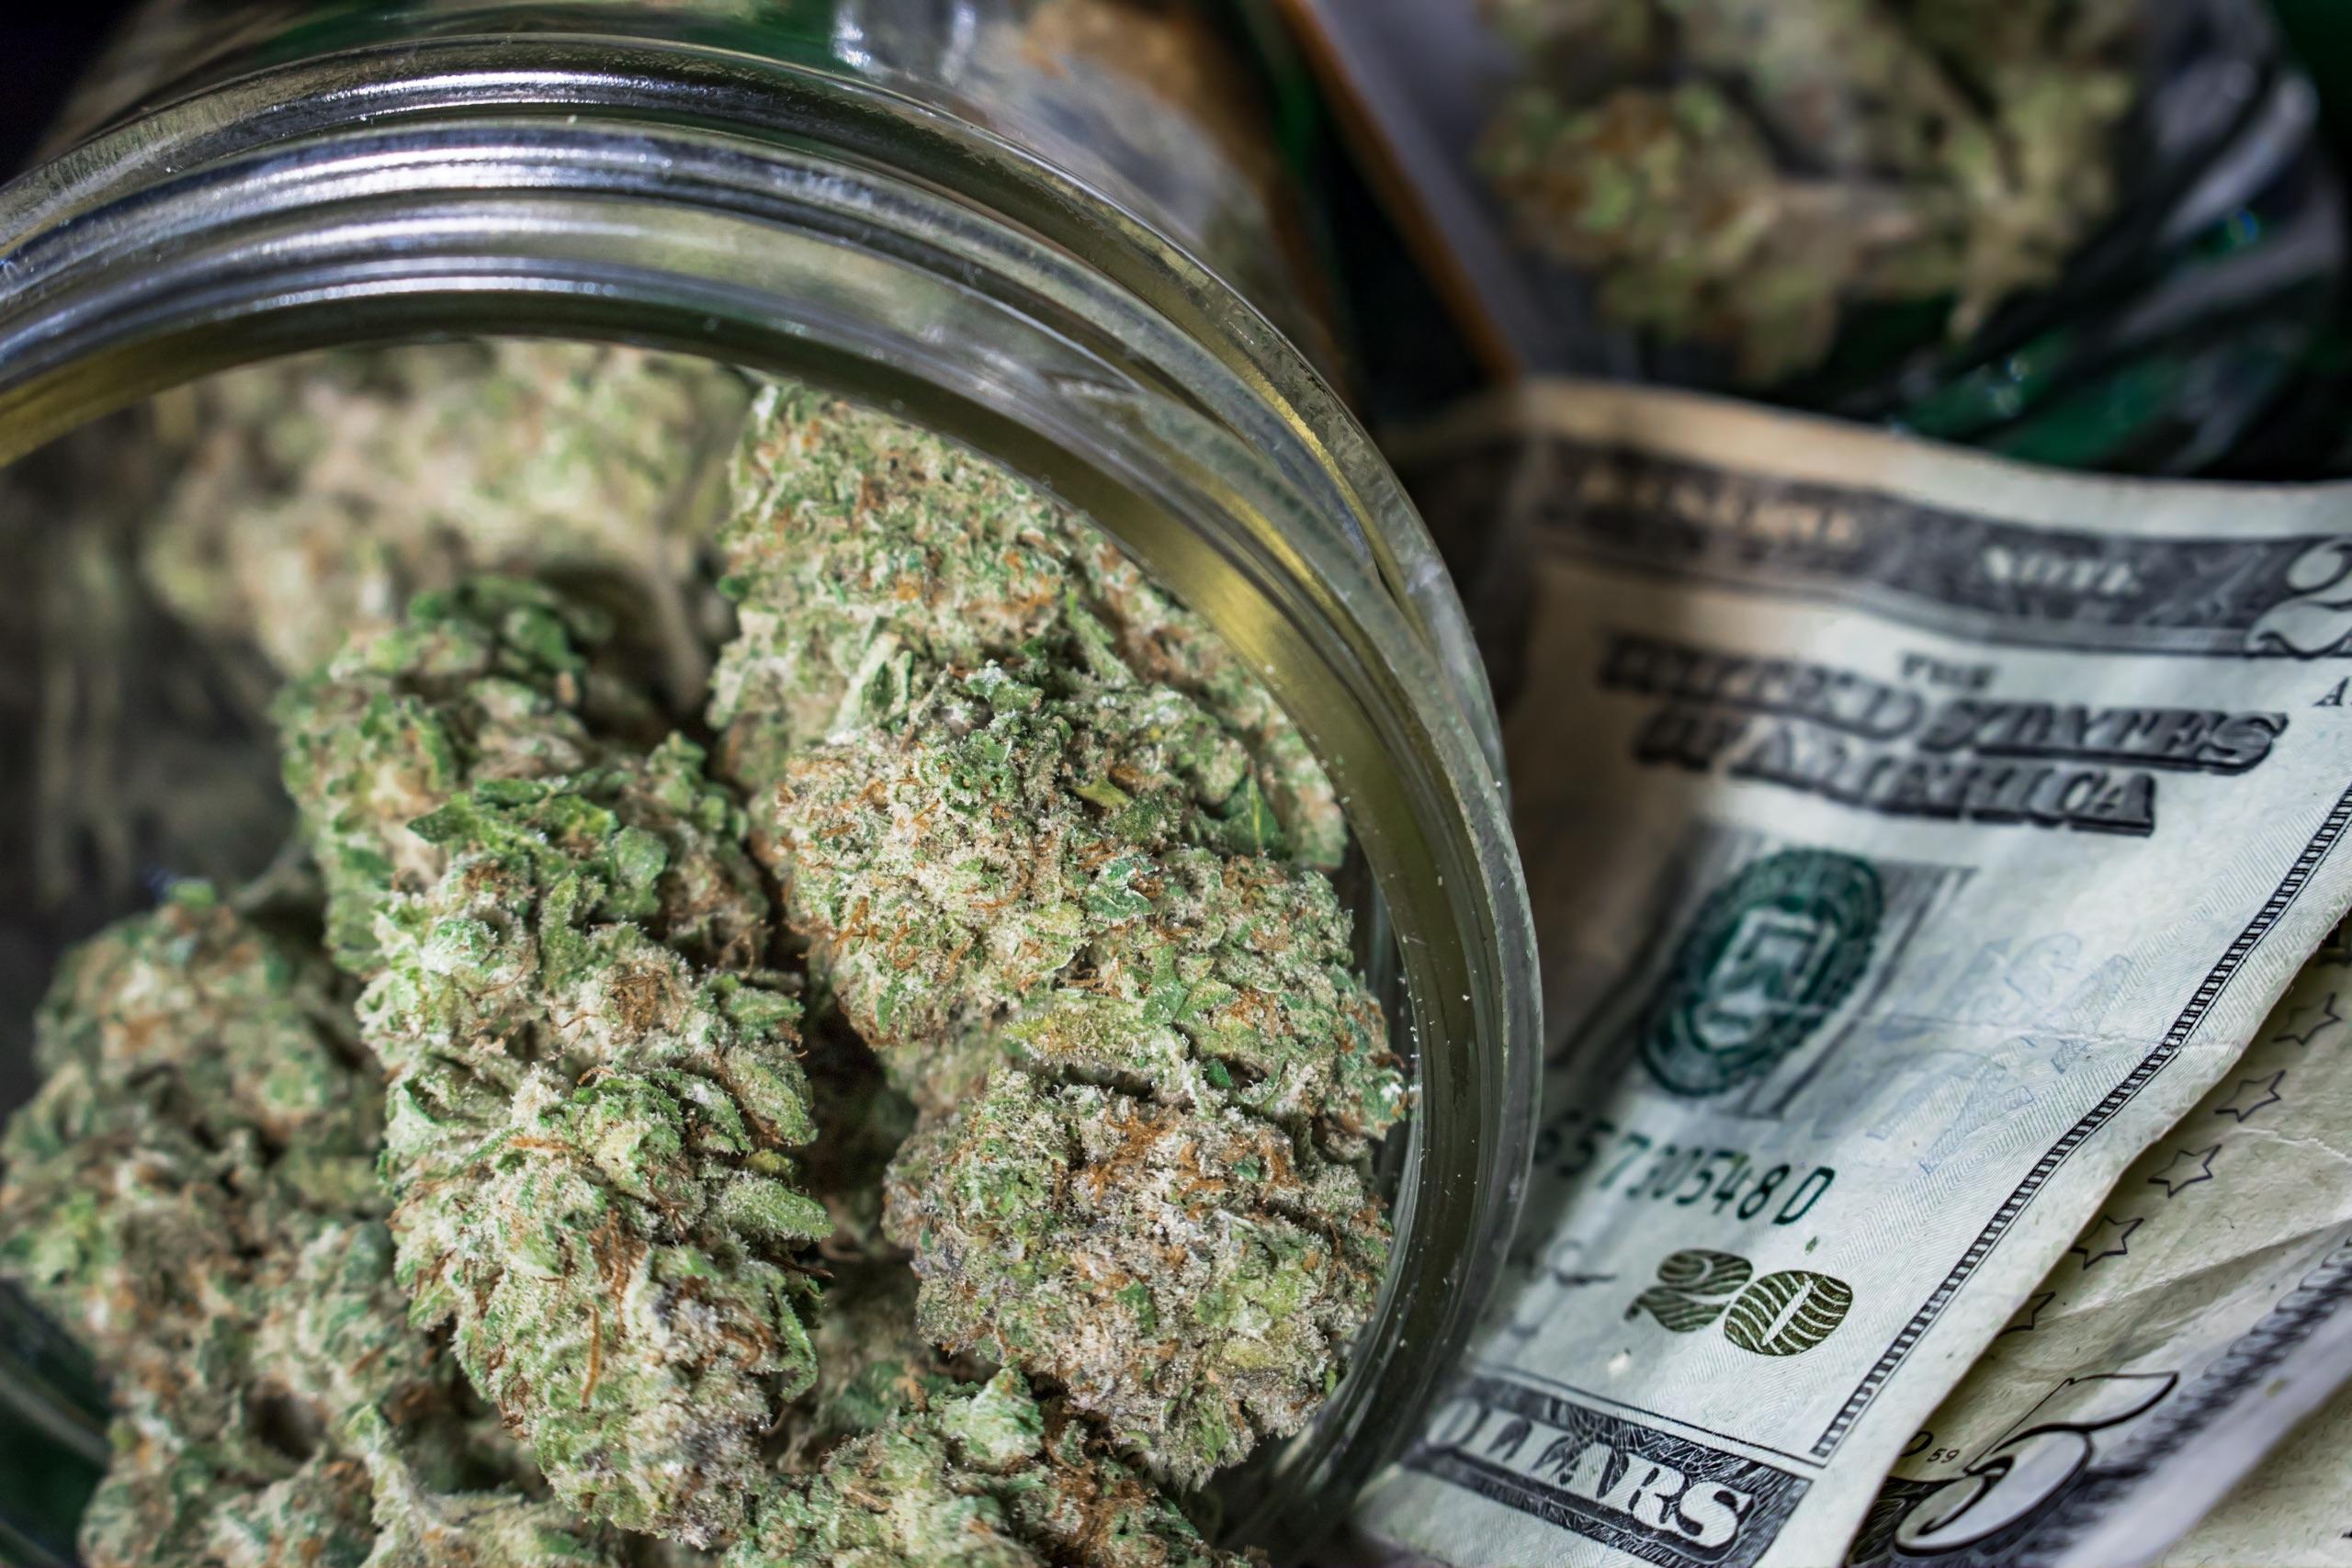 When Will Marijuana Stocks Be Profitable? | The Motley Fool